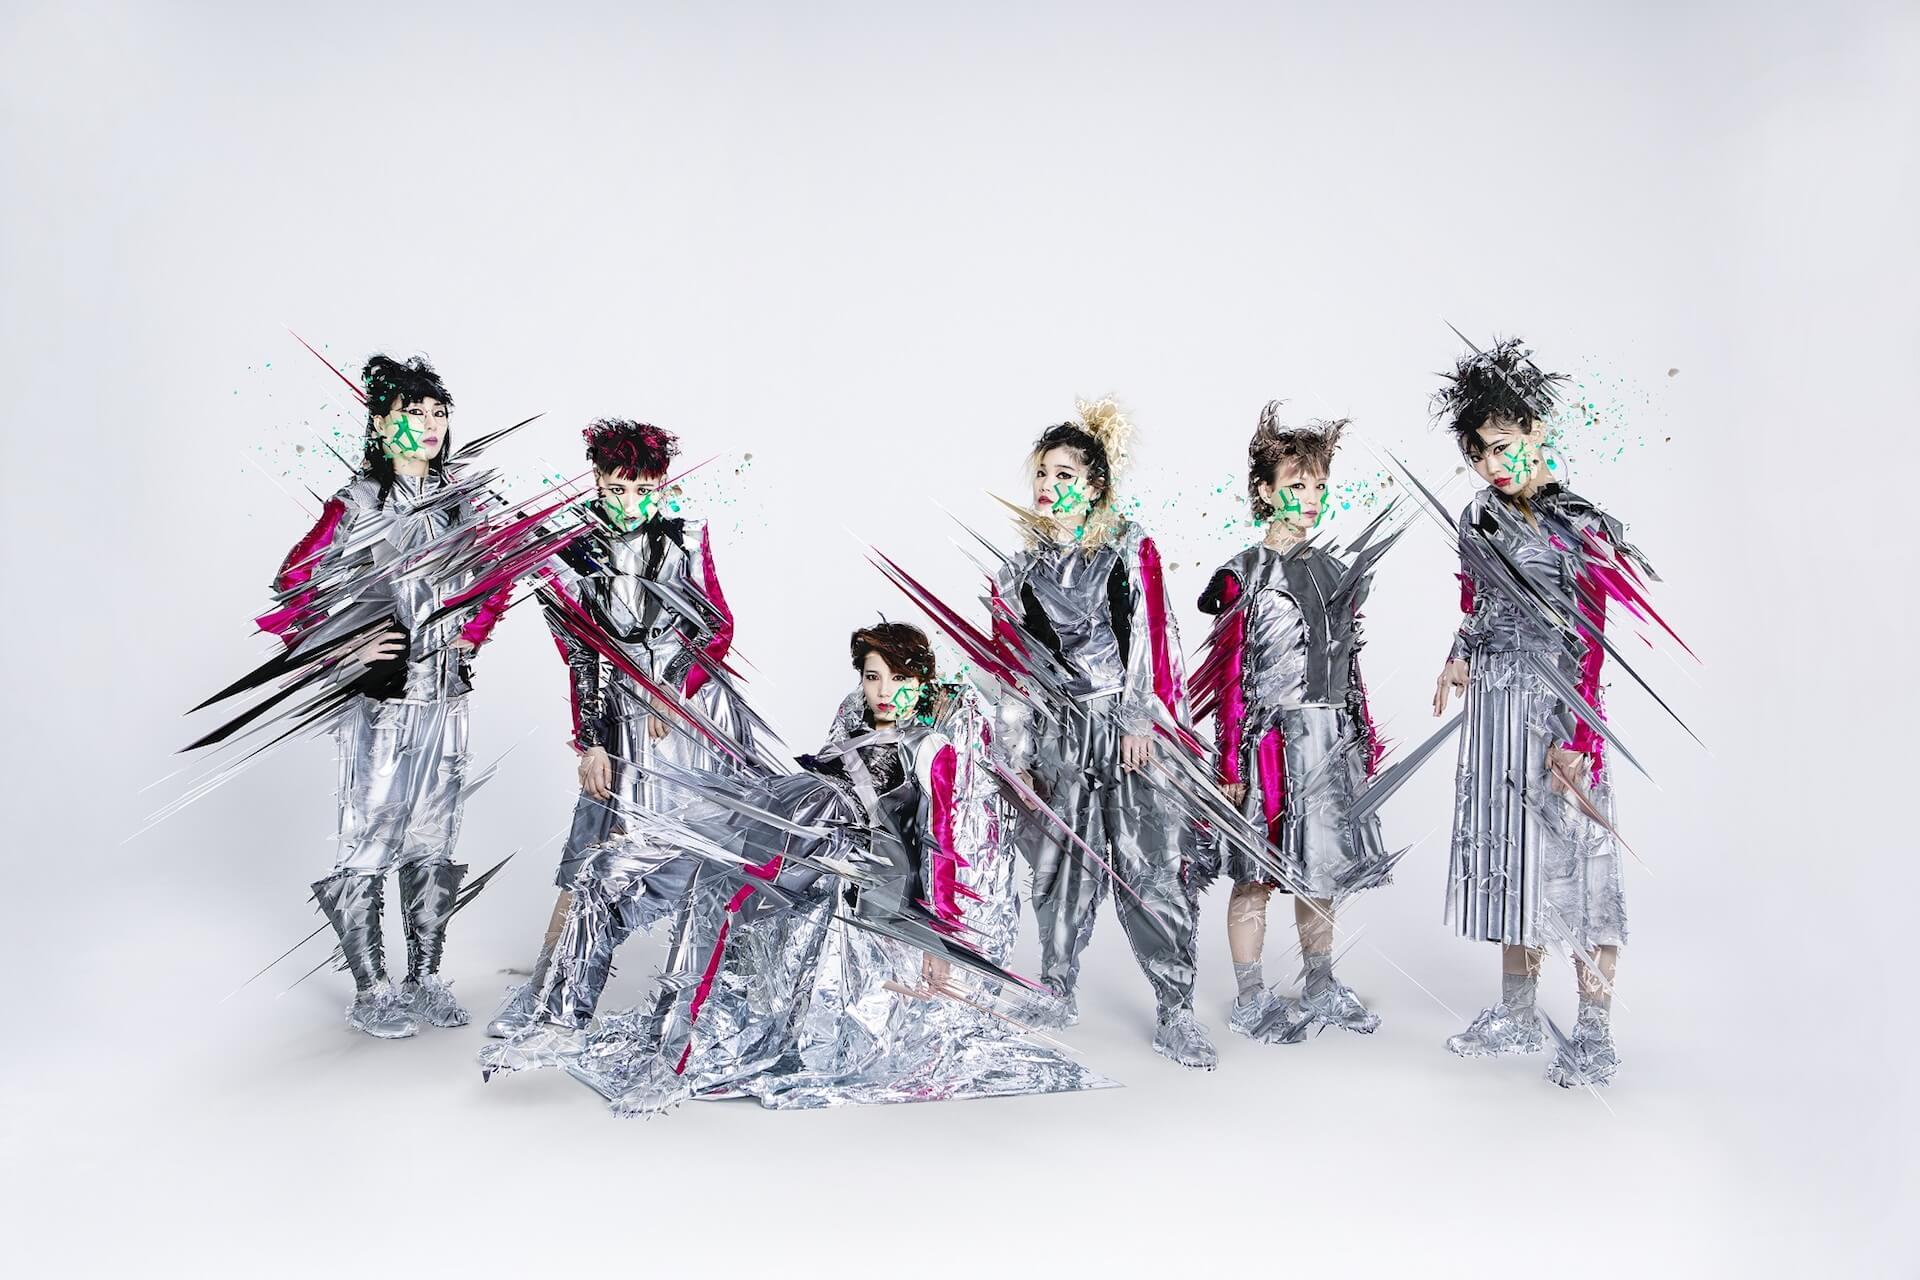 <バーチャル渋谷 au 5G ハロウィーンフェス>がついに本日開幕!最終日はEllen Allien、SURGEONら参加のDOMMUNEコラボイベントも実施 music201026_shibuya_halloween_4